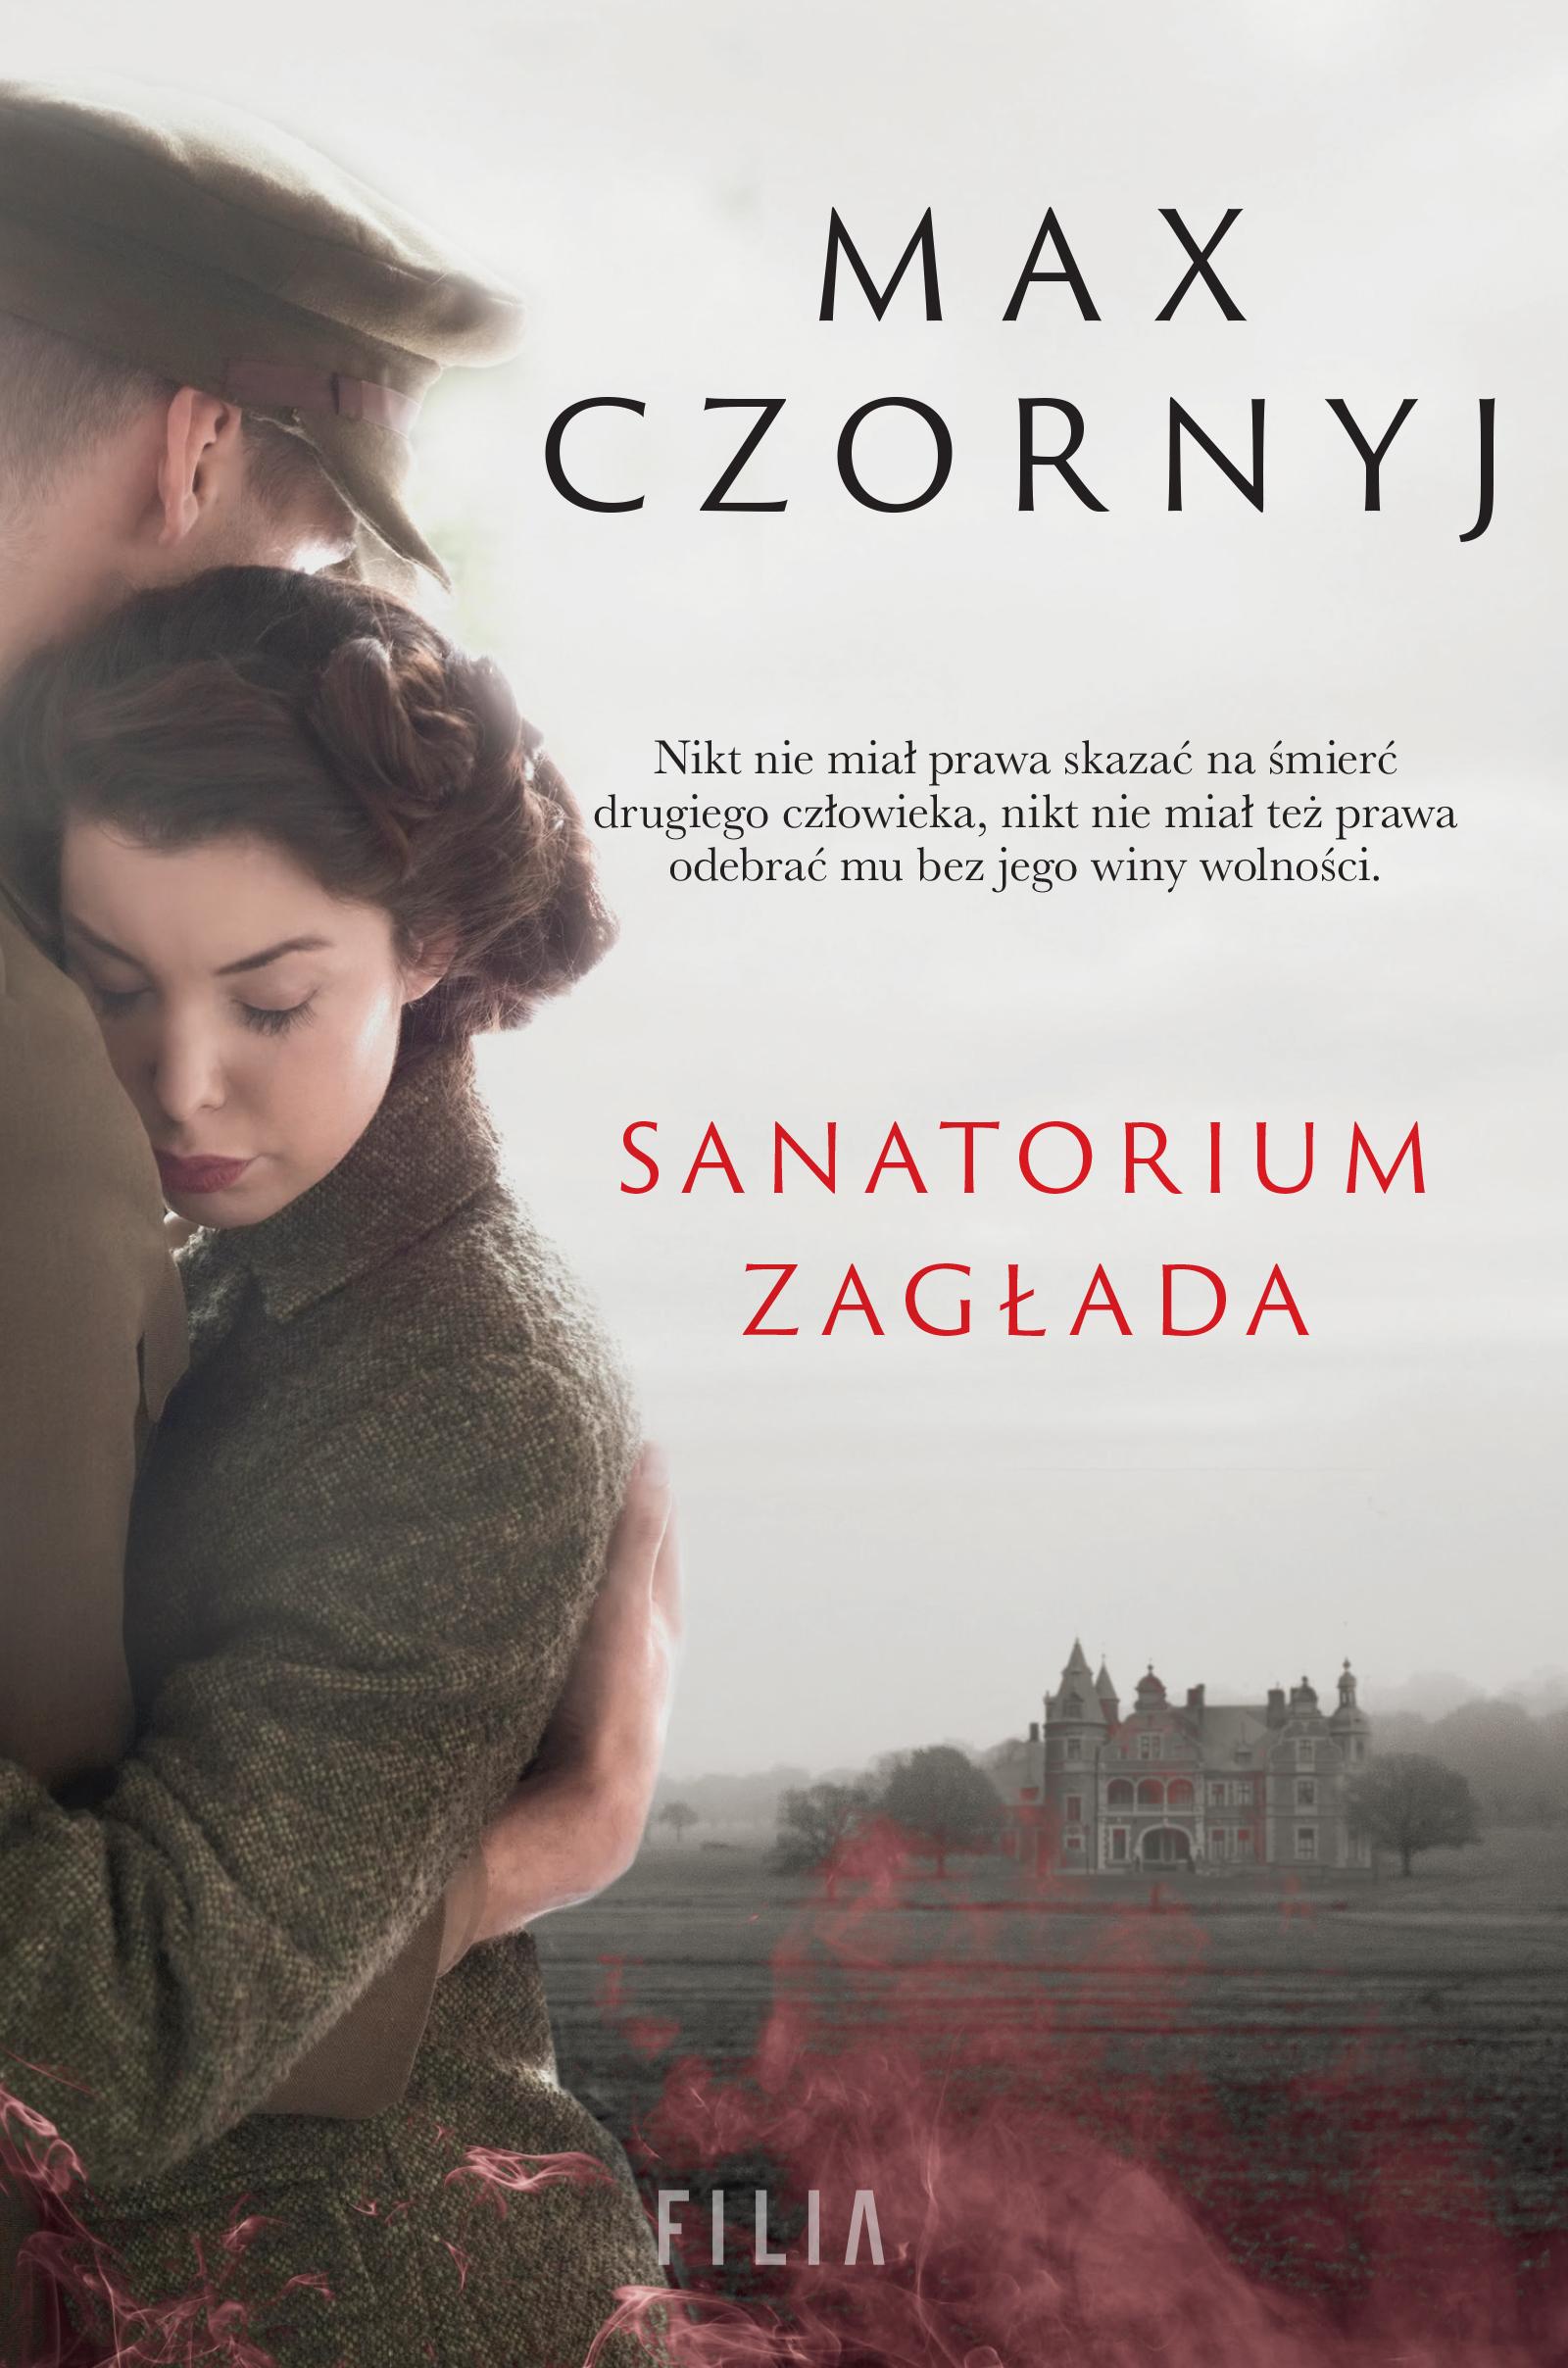 Sanatorium Zagłada